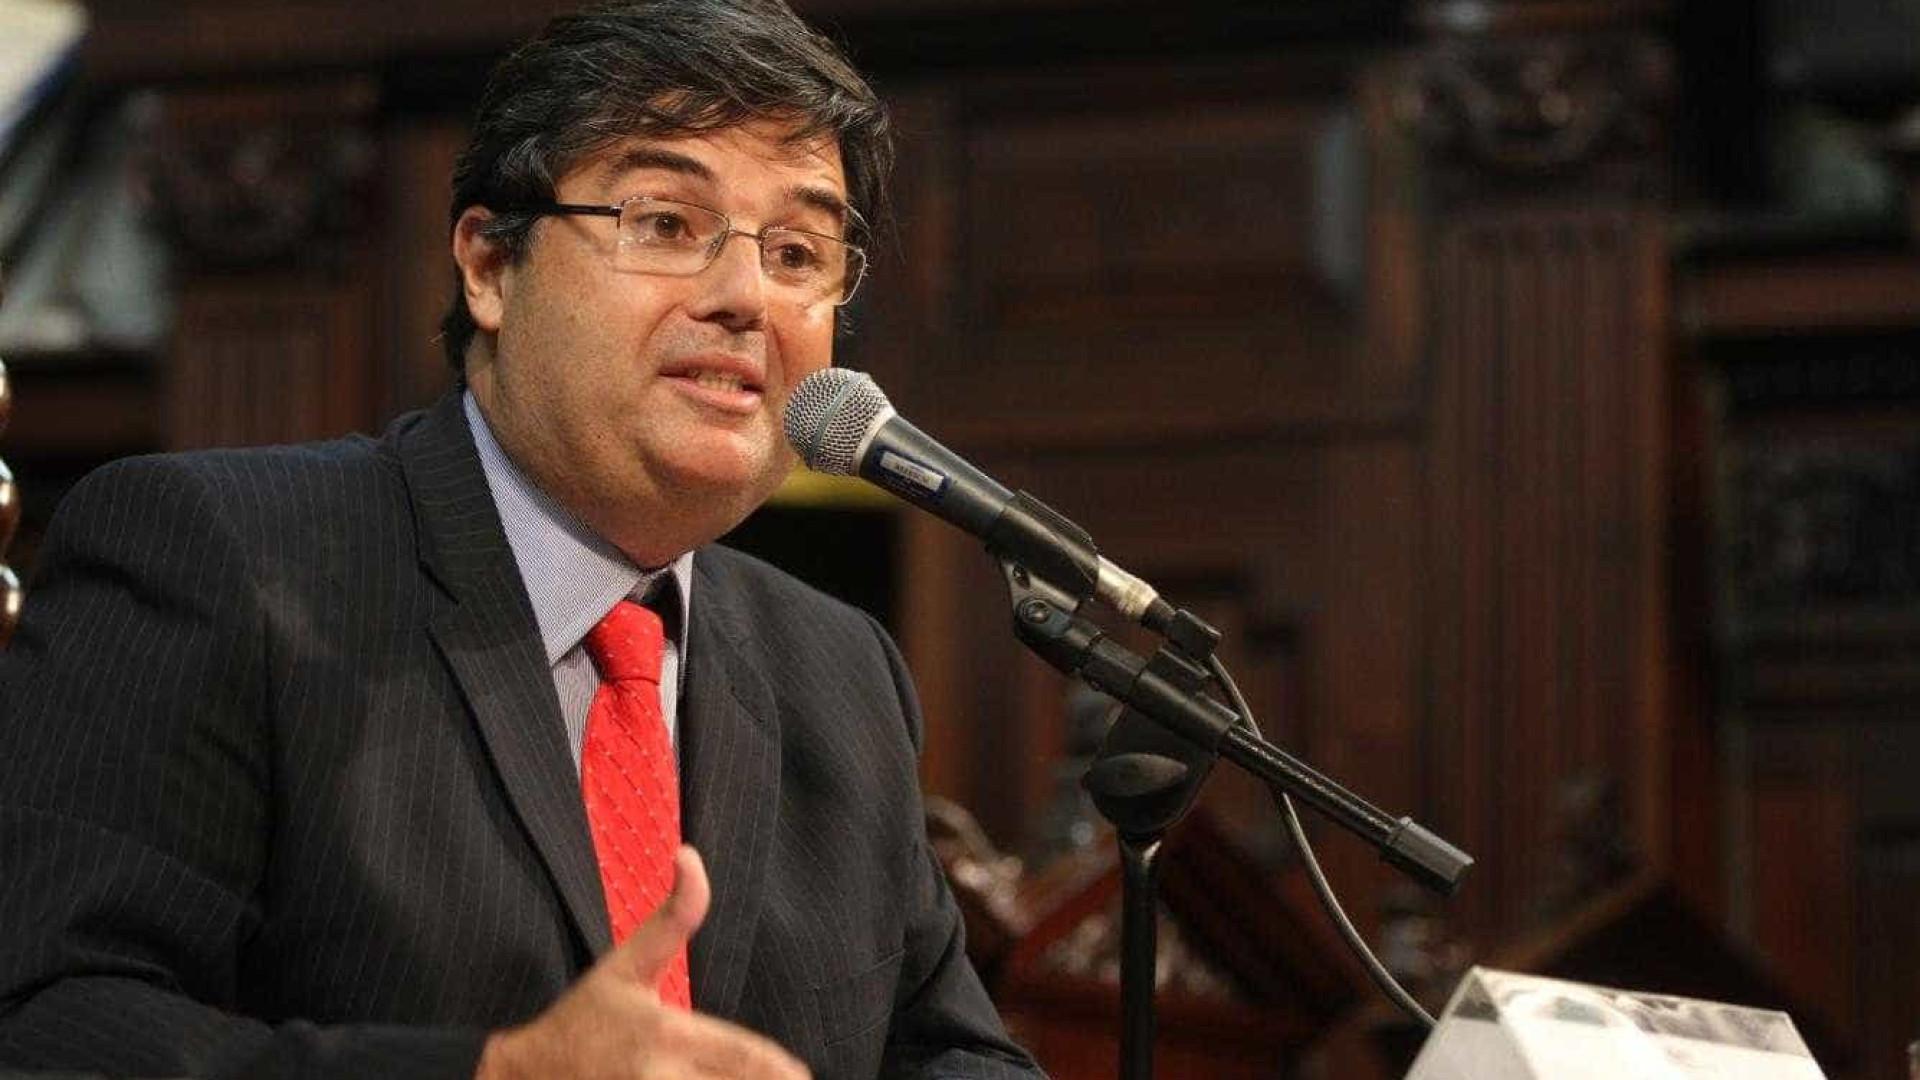 Preso, deputado diz que mantém candidatura à presidência da Alerj